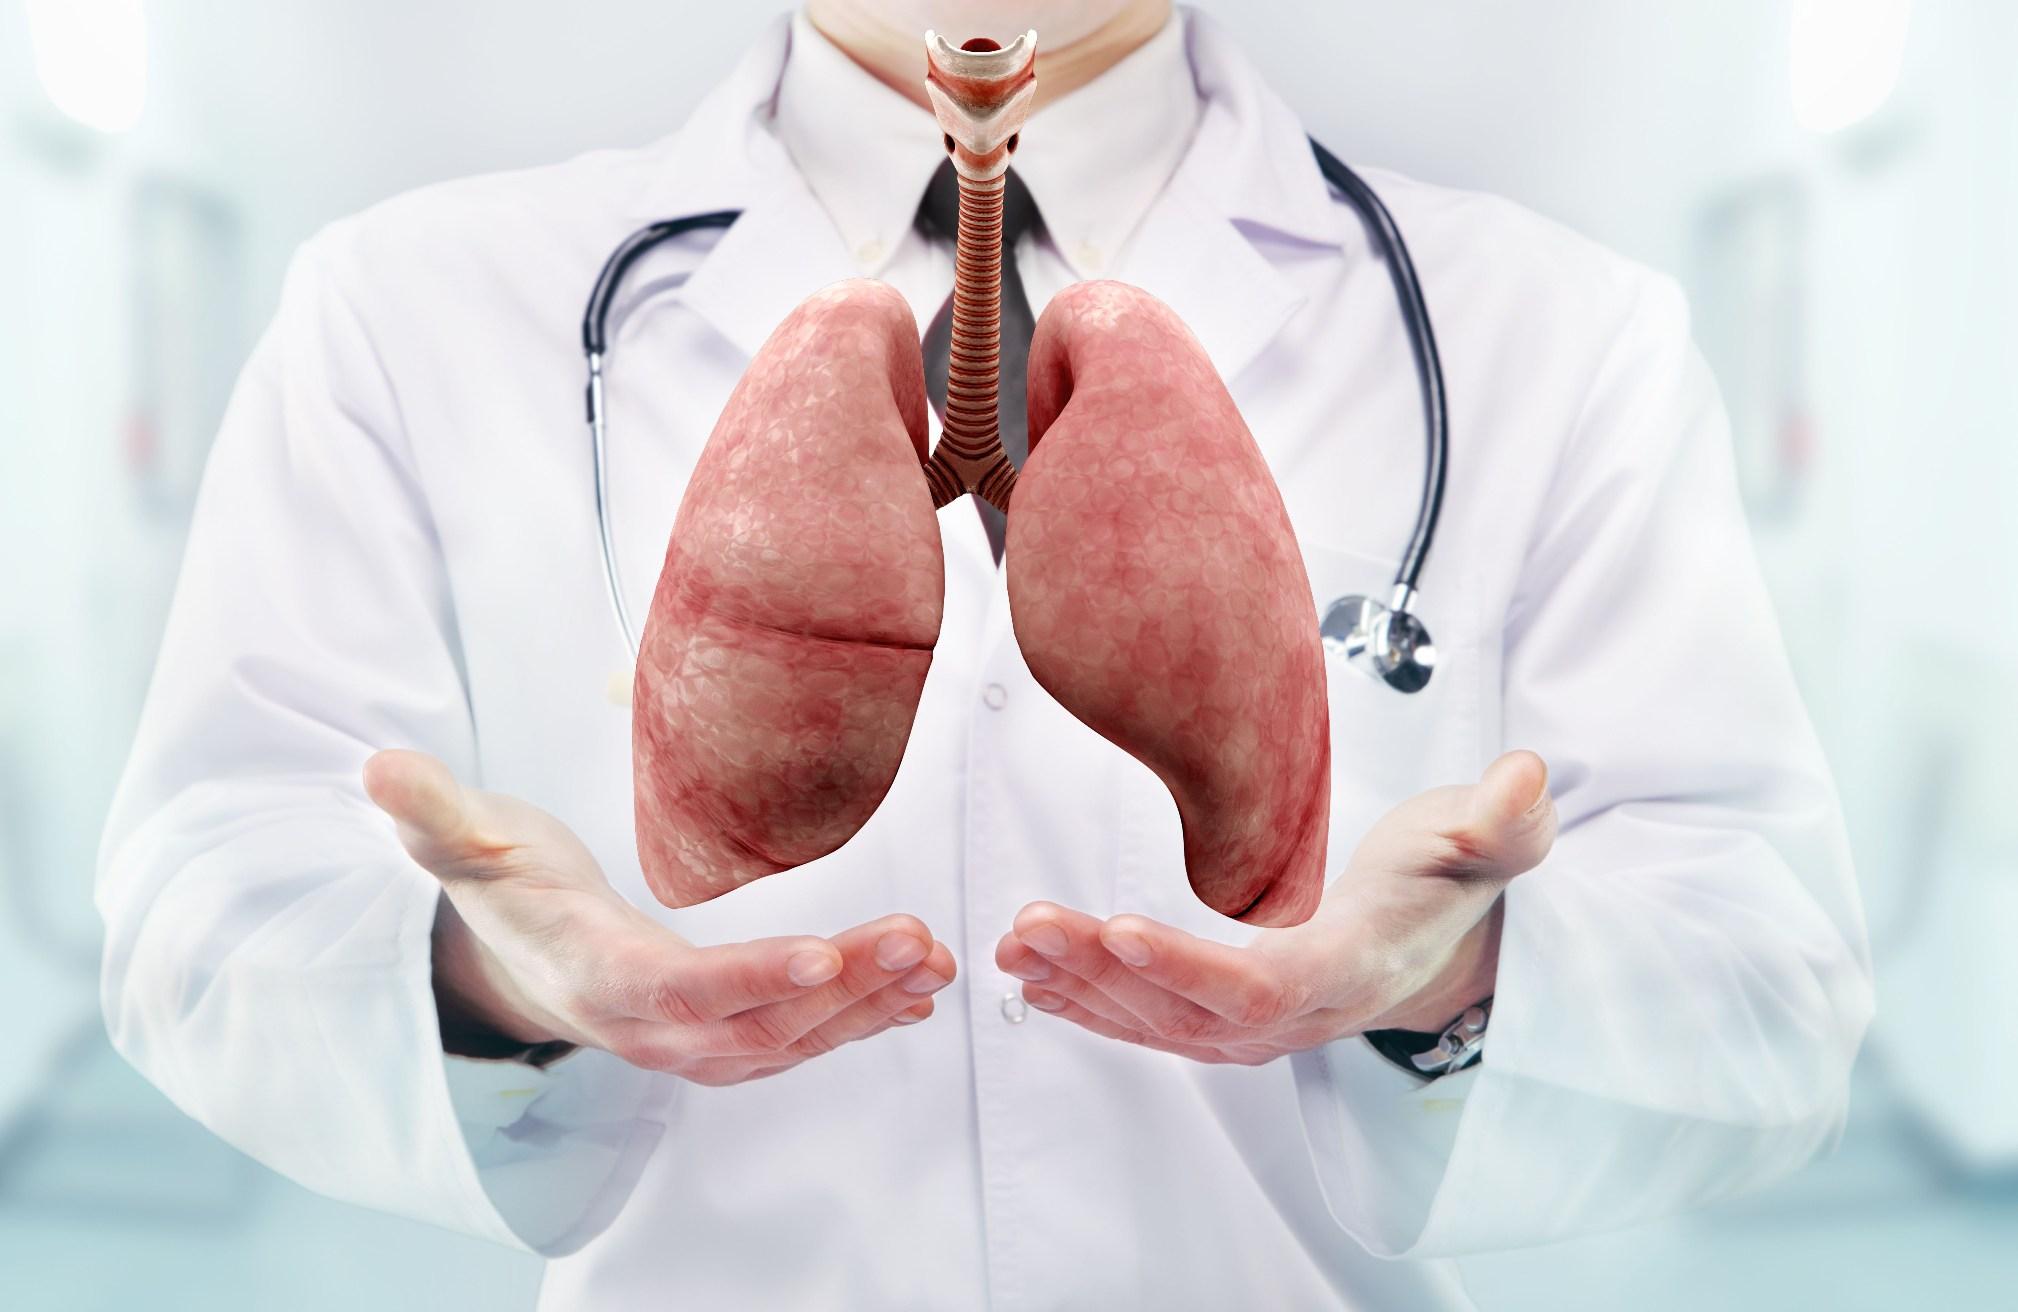 Цикорий для лечения заболеваний легких